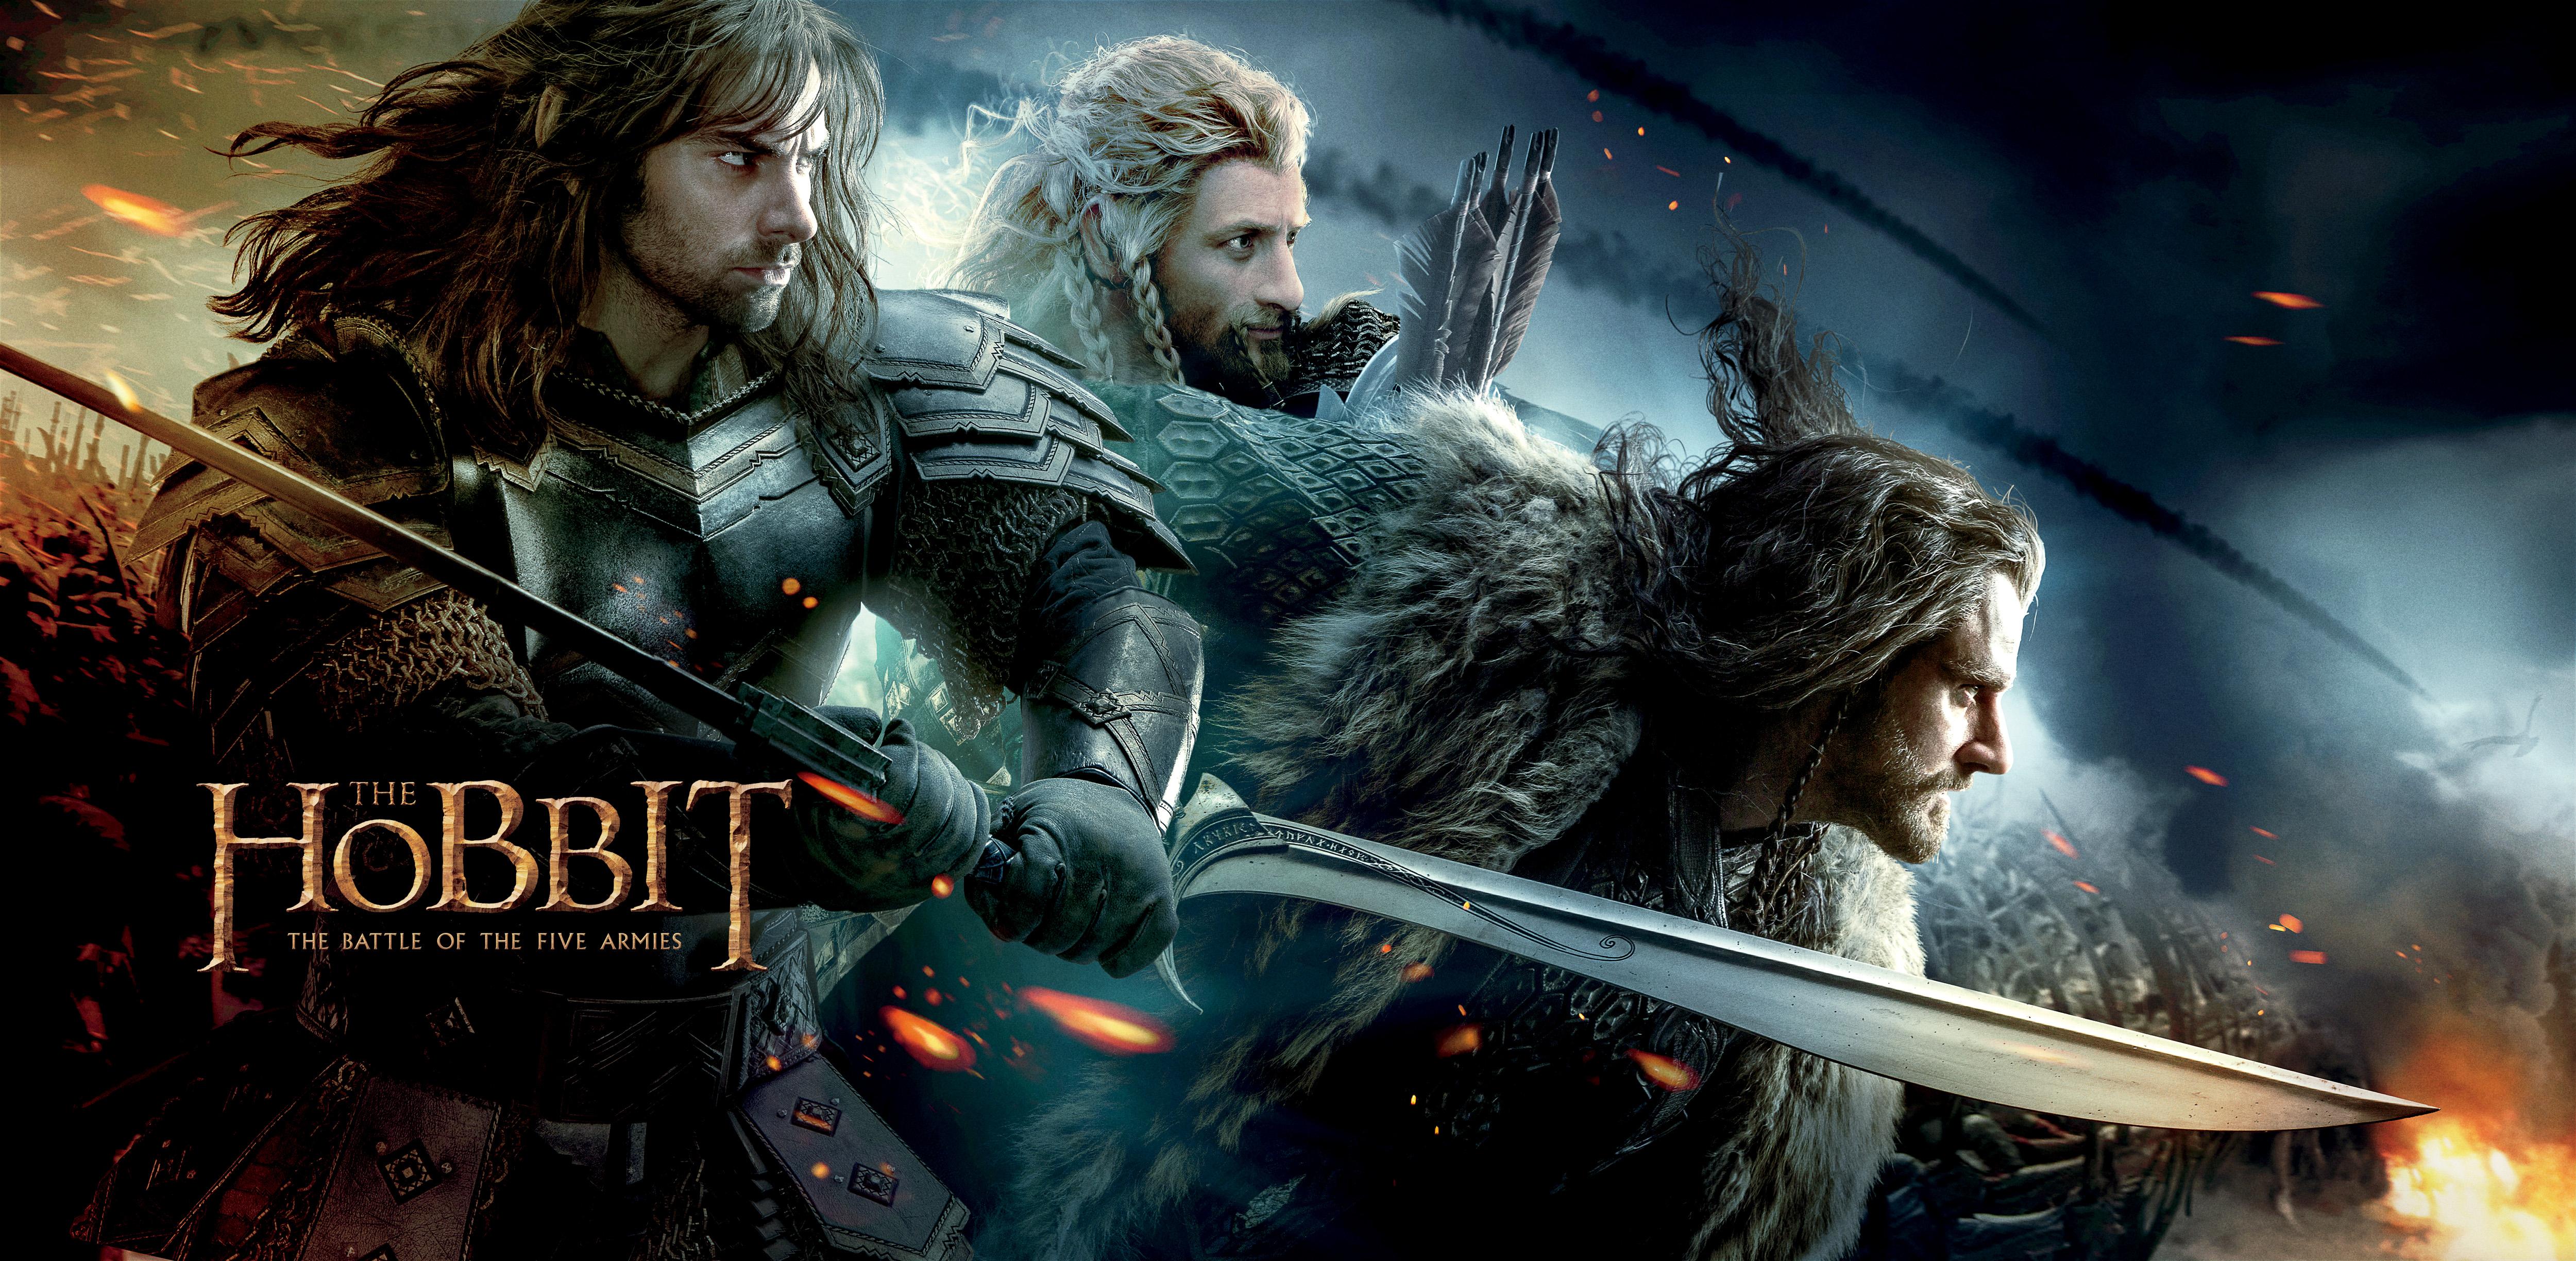 Le Seigneur des Anneaux / The Hobbit #3 Thtbotfa25